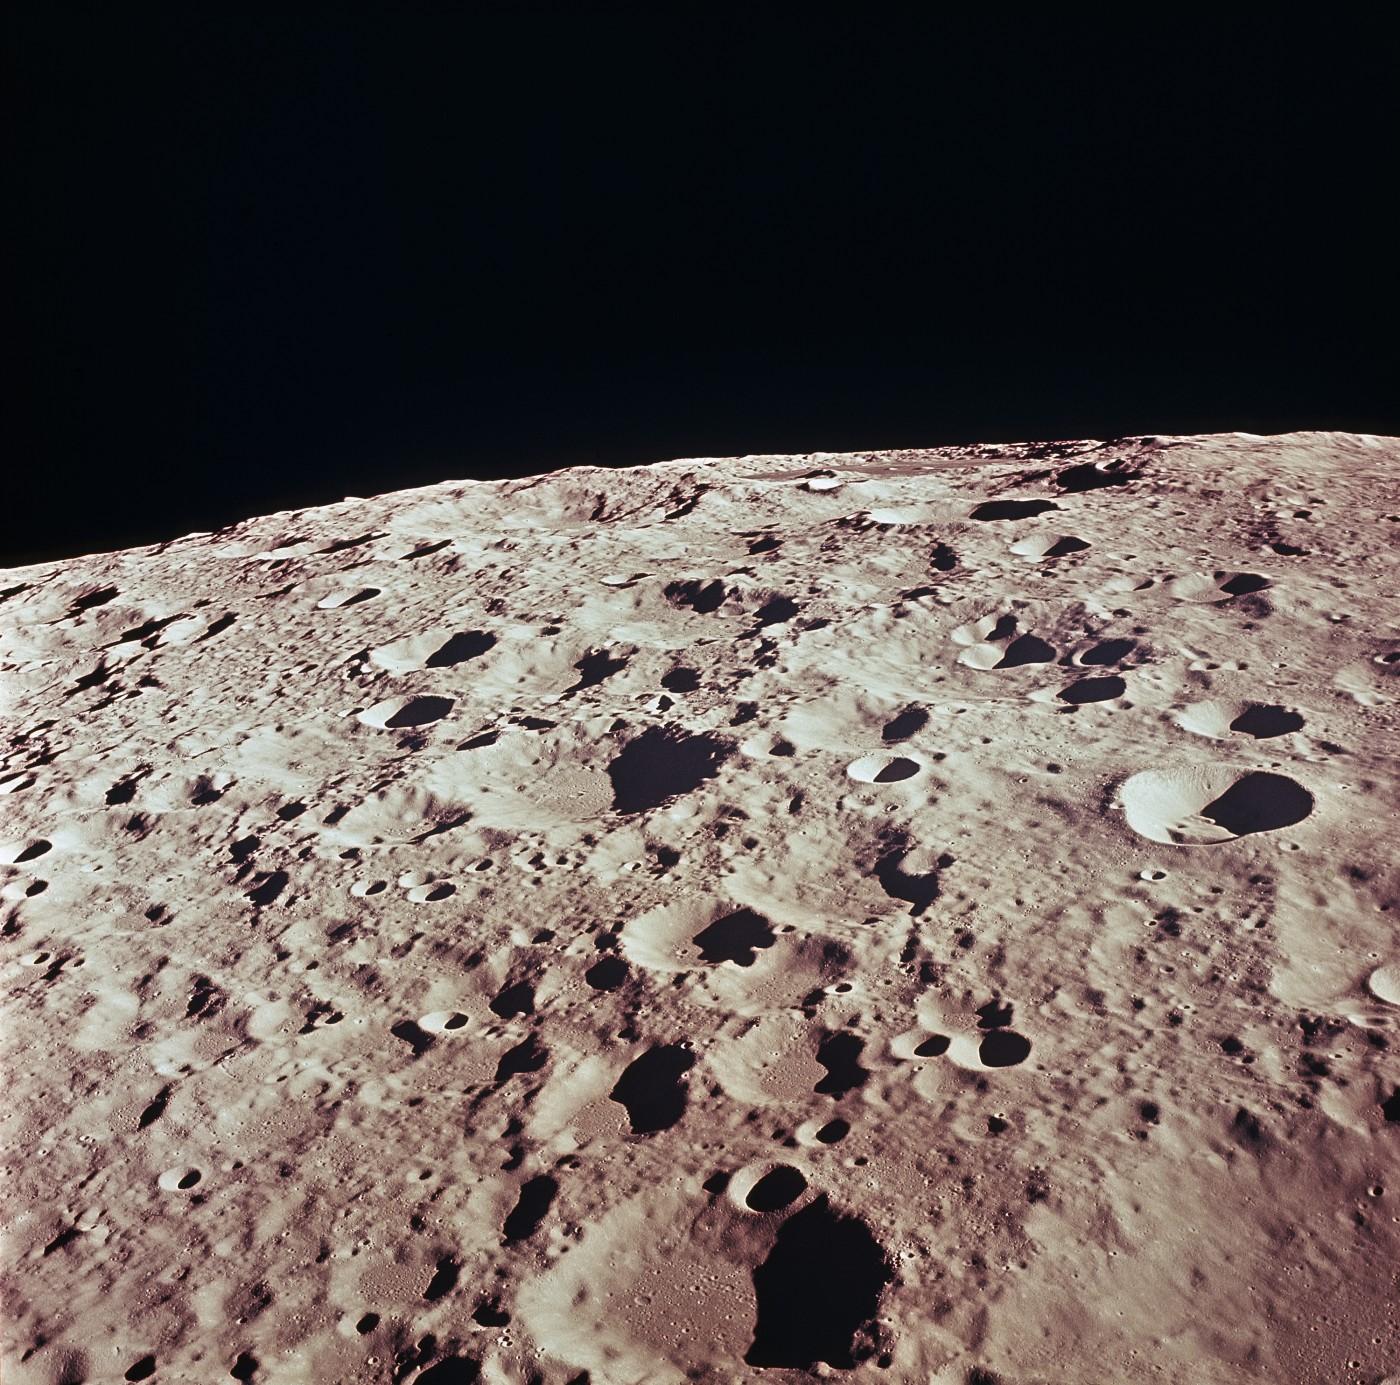 Vista dettagliata del lato posteriore della Luna nelle vicinanze del Cratere n. 308, scattata durante la missione Apollo 11. Immagine Nasa/MSFC, 20 luglio 1969